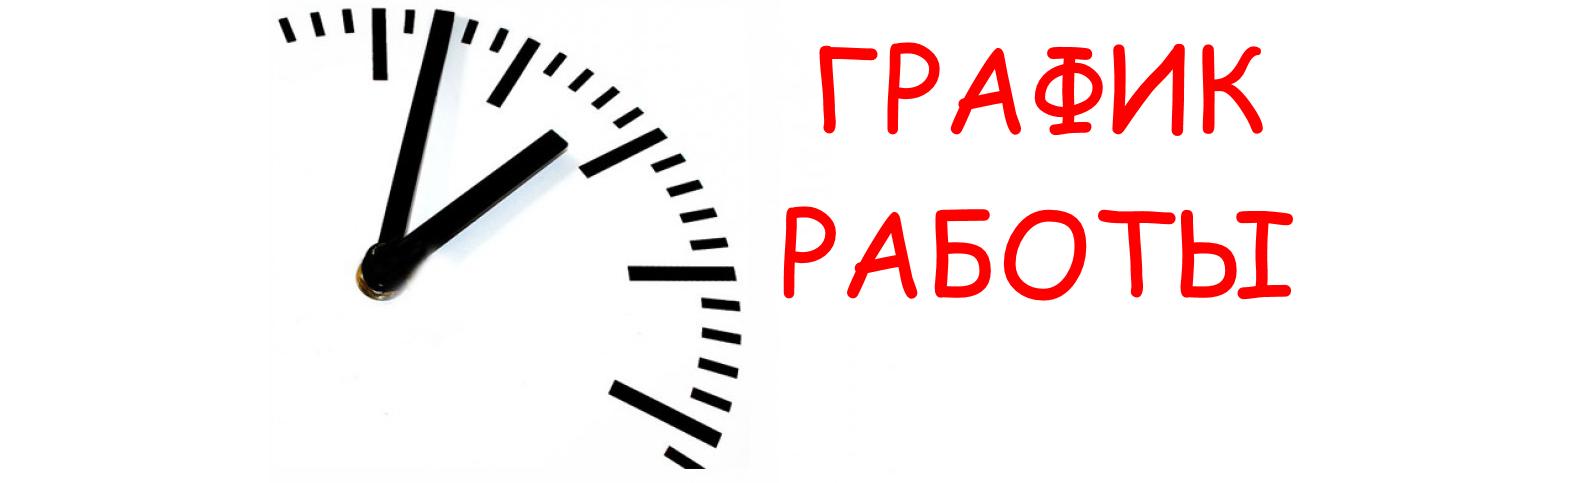 grafikk-1000x630.png